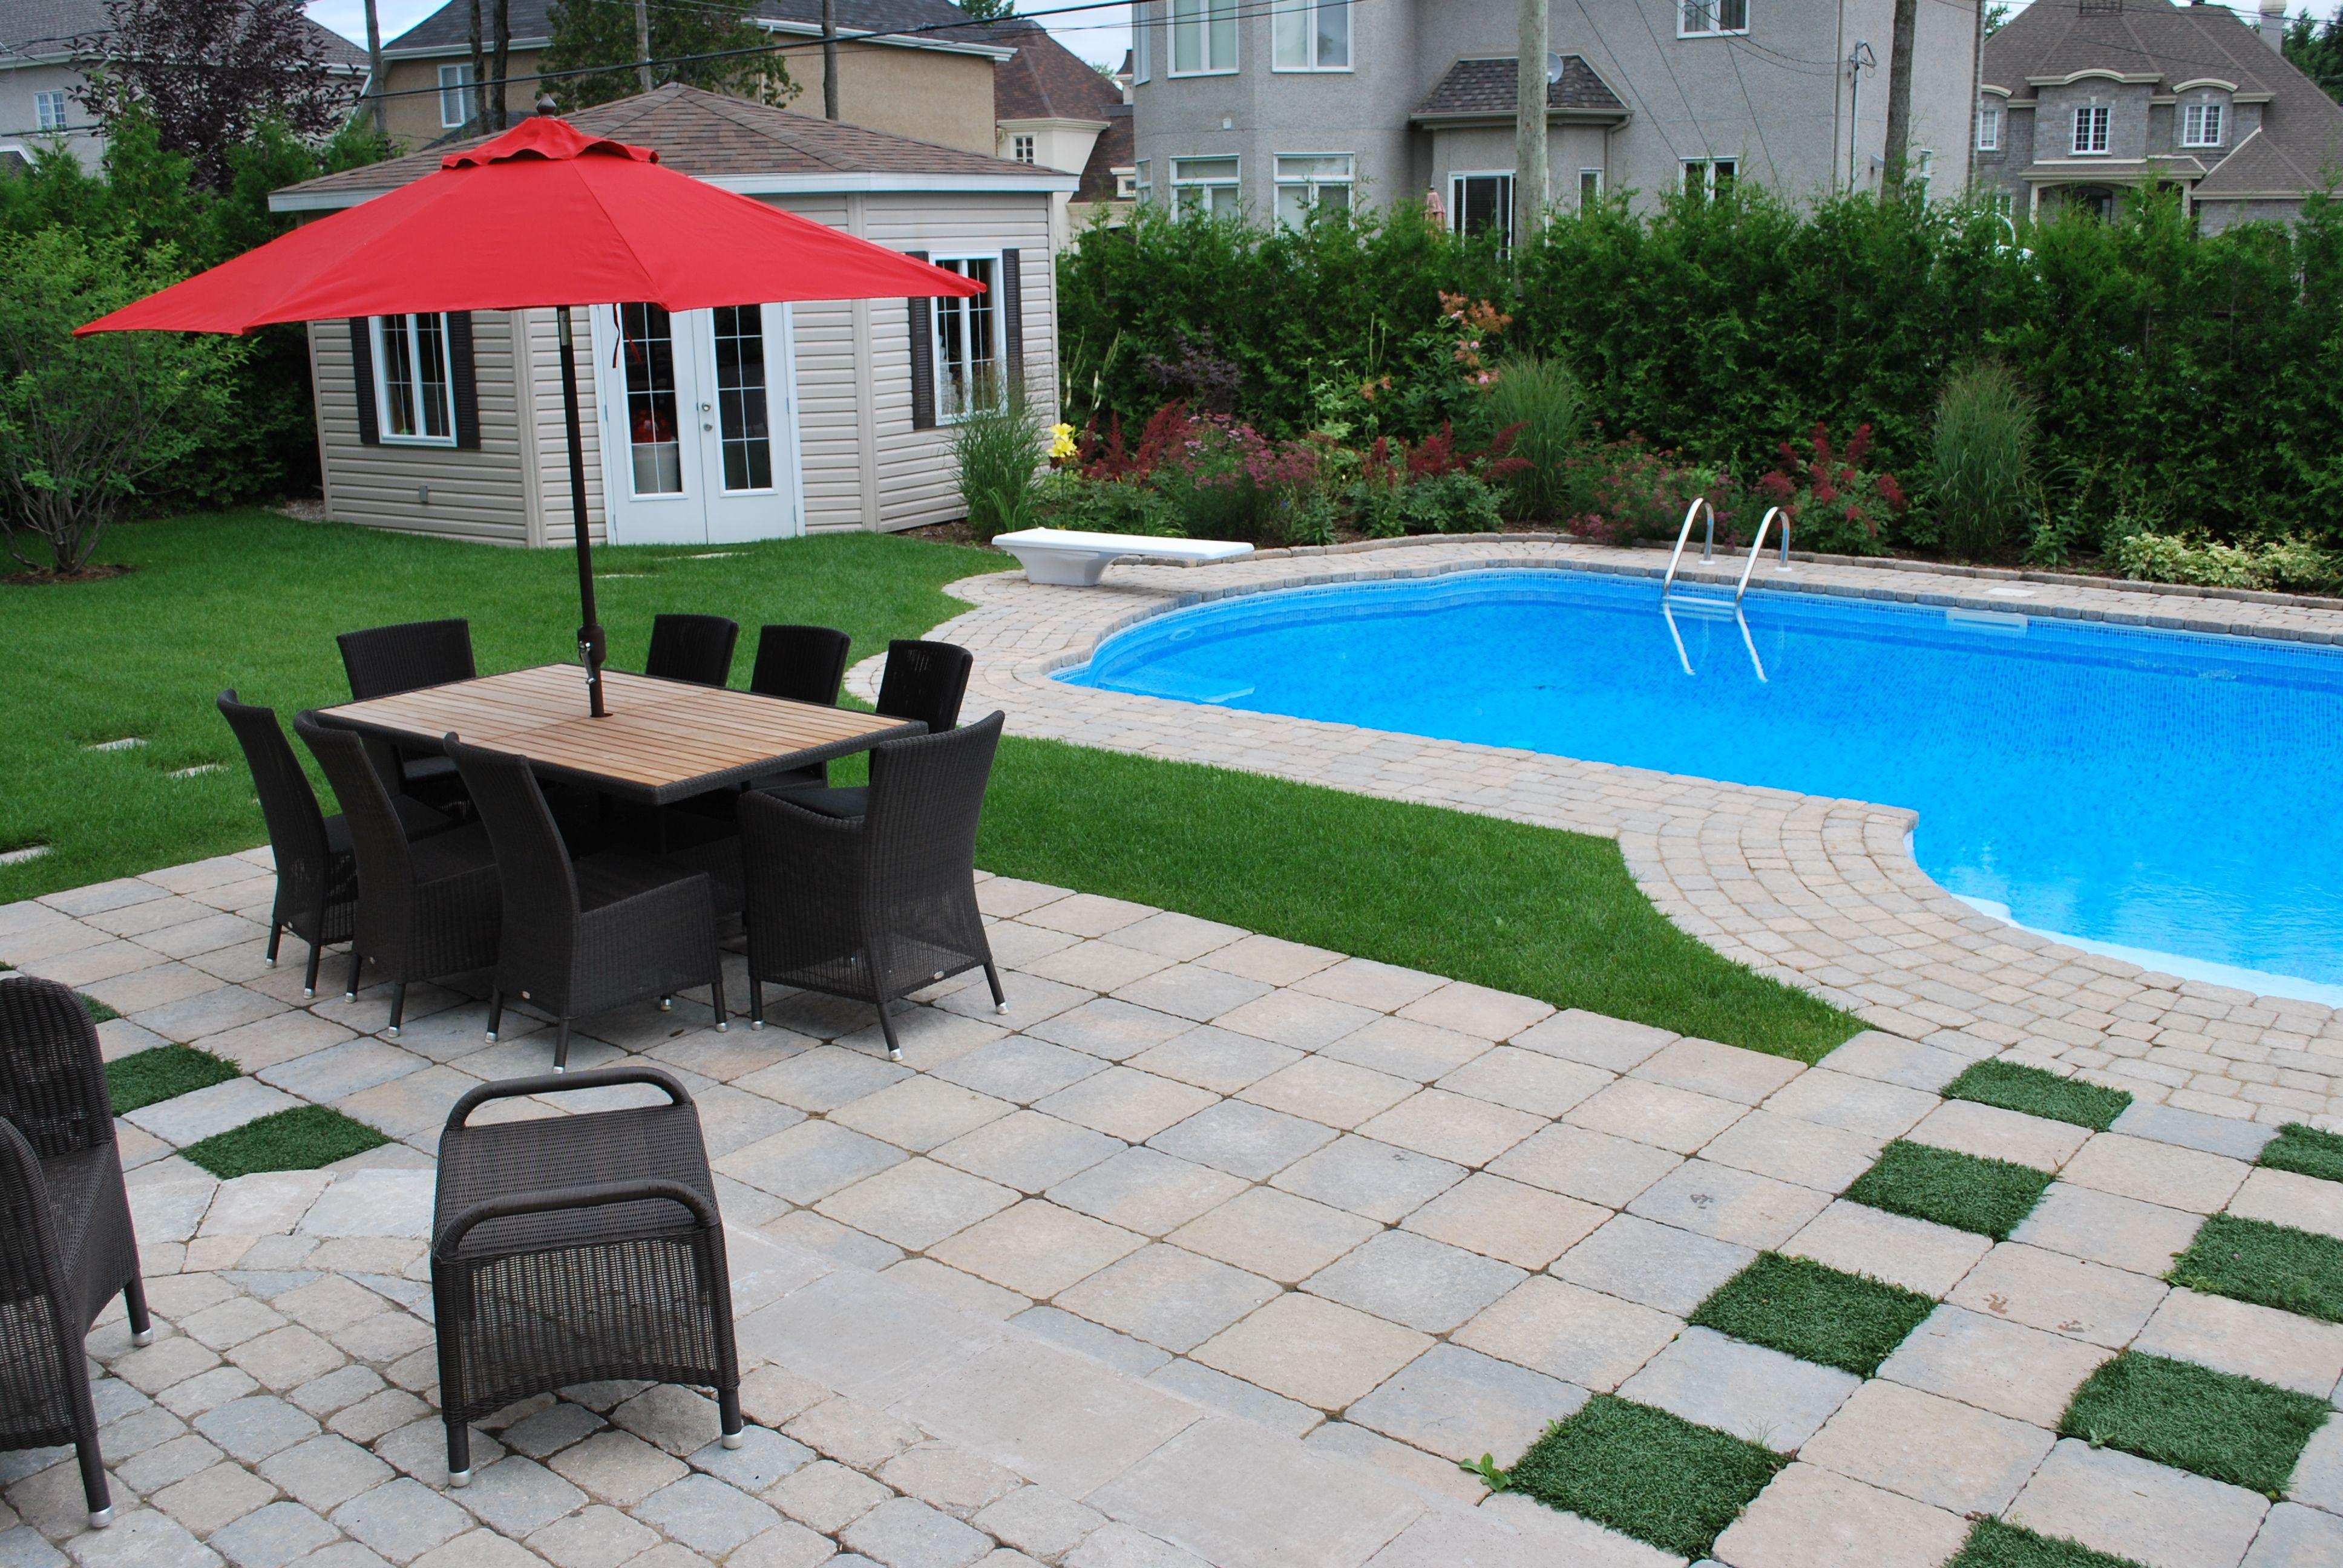 Am nagement d 39 une piscine creus e courbe terrasse de pav for Amenagement piscine creusee